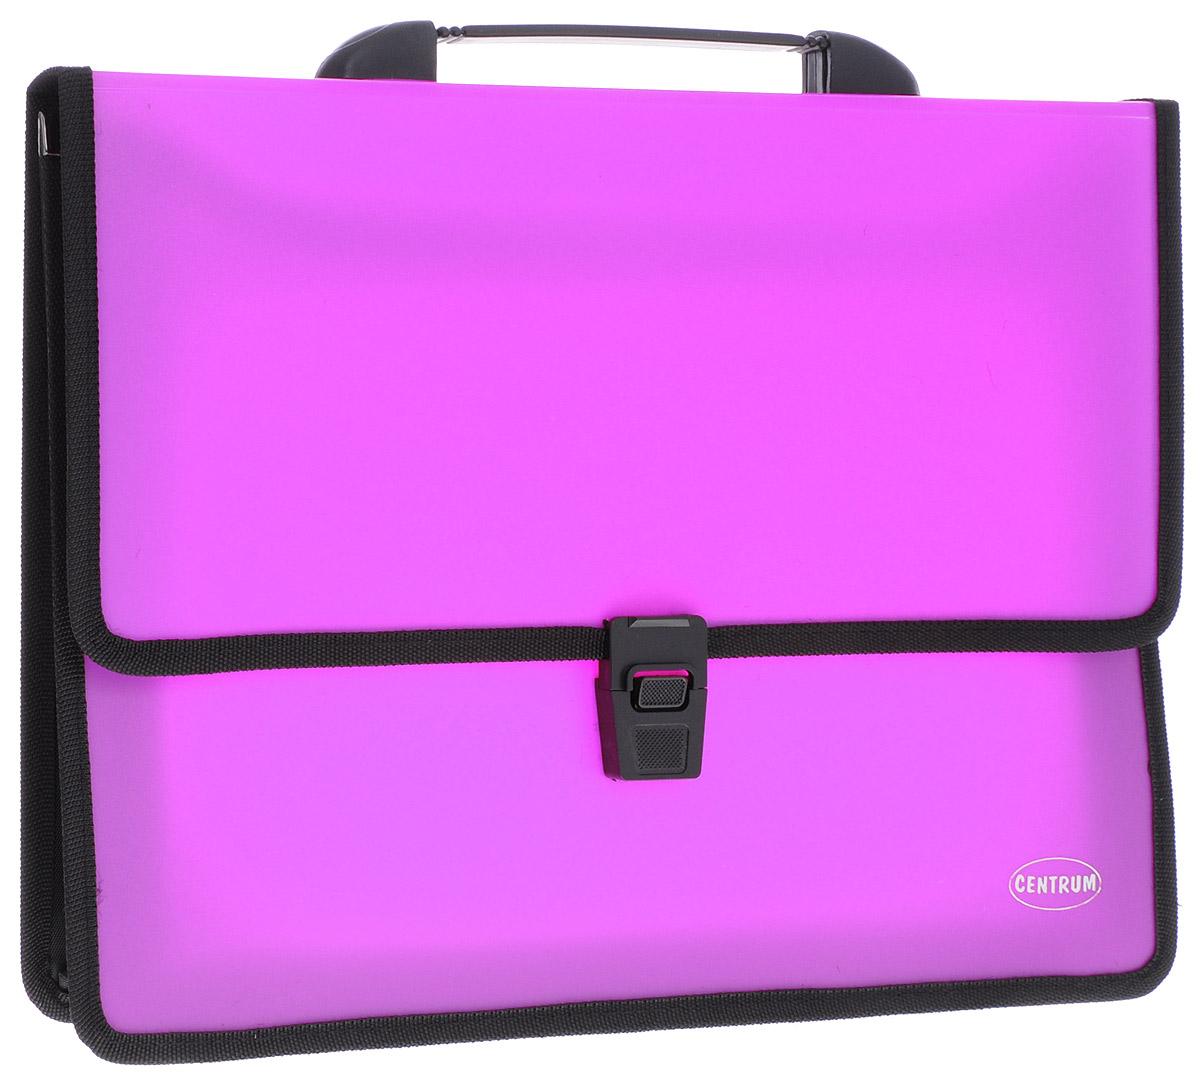 Centrum Папка-портфель 2 отделения с ручкой цвет фуксия -  Папки